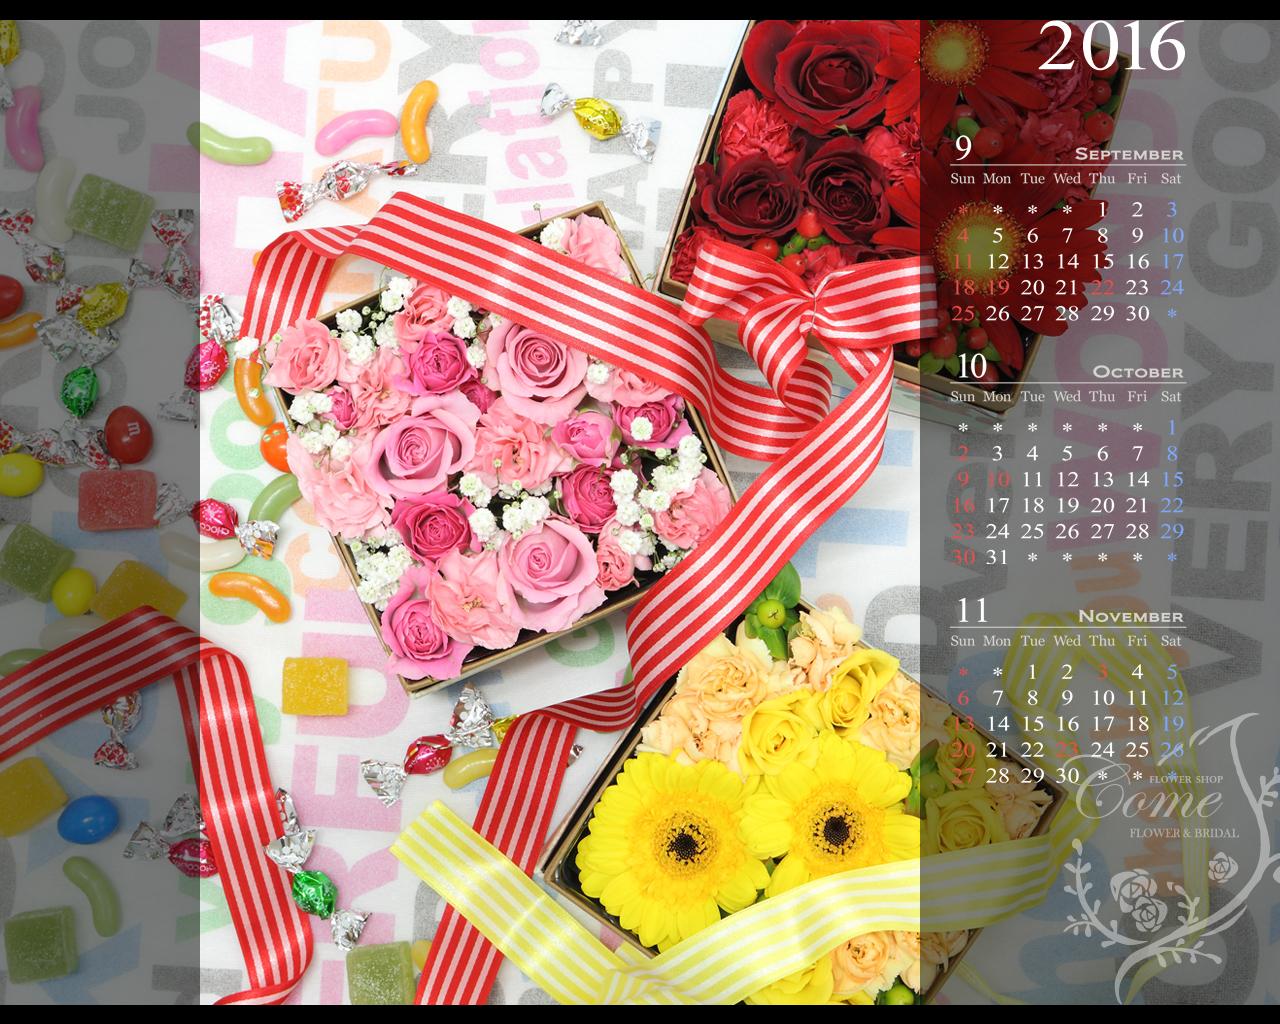 16年壁紙カレンダープレゼント 無料 花の写真を使った壁紙カレンダーを無料でダウンロード フラワーショップ花夢